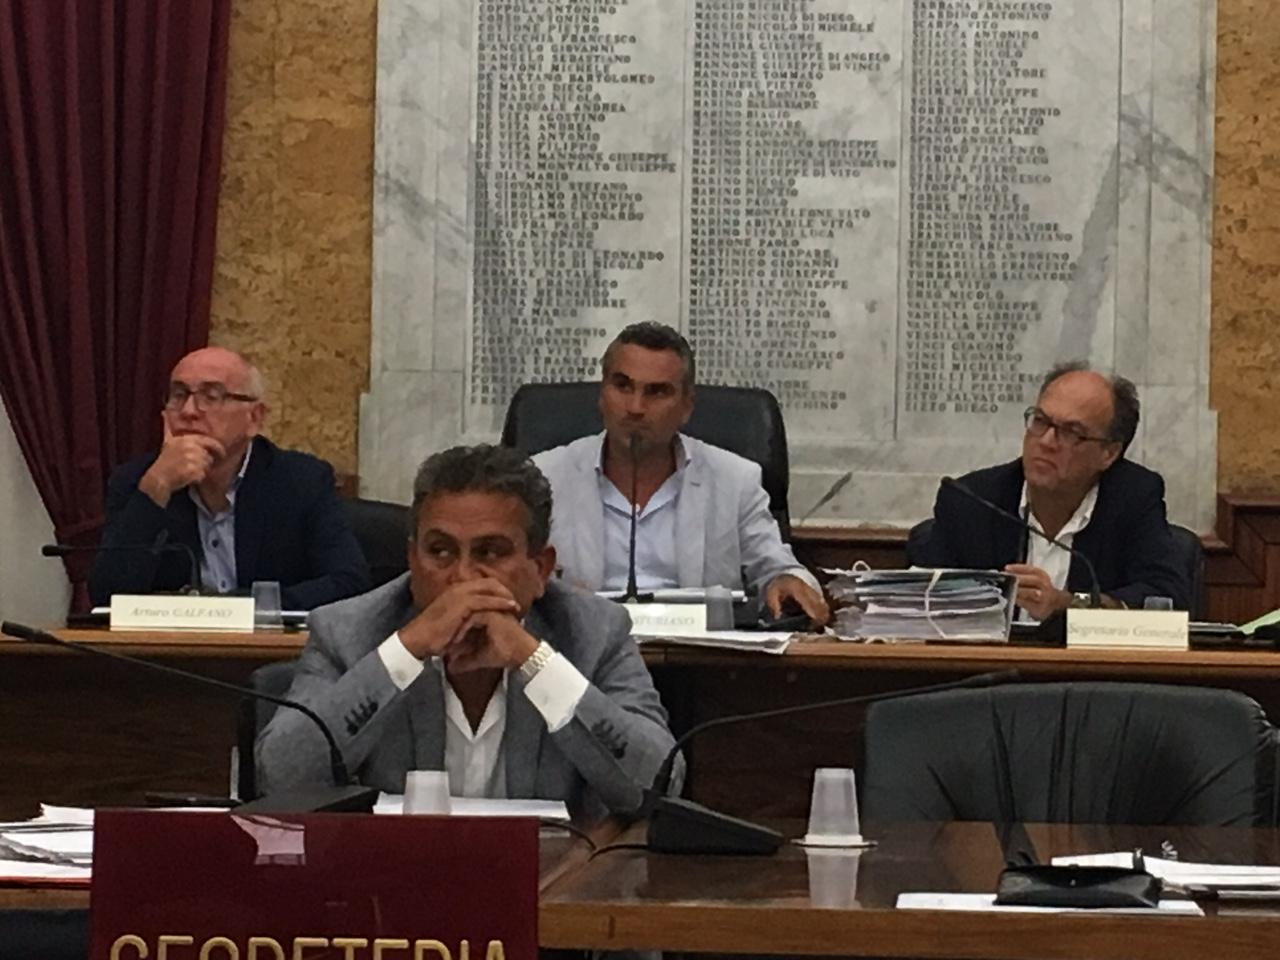 Seduta Consiglio comunale Marsala 30 agosto 2017